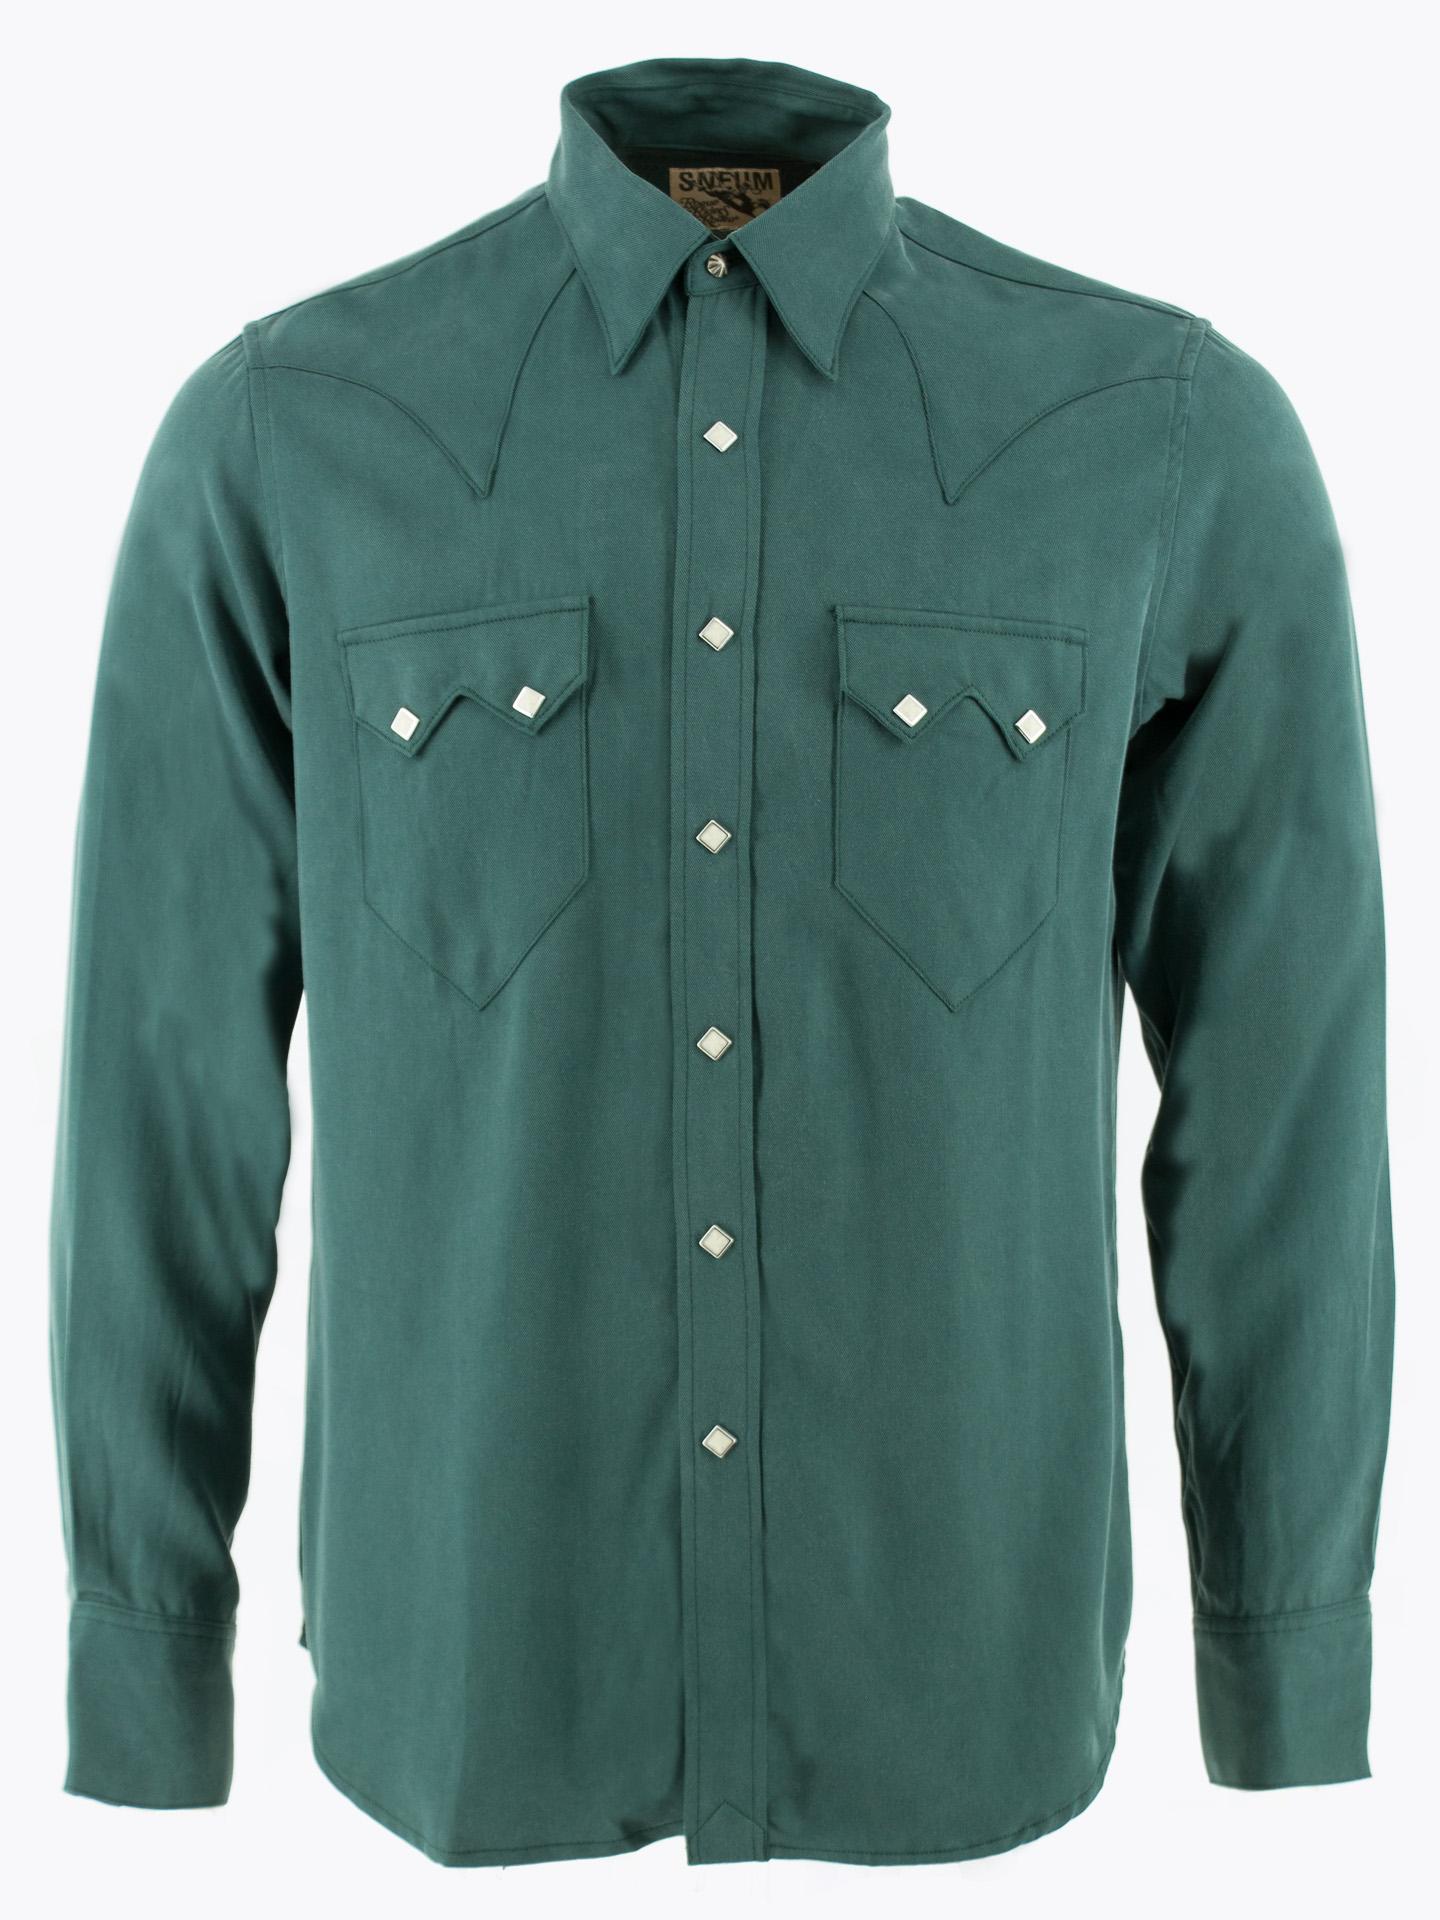 Sawtooth western shirt